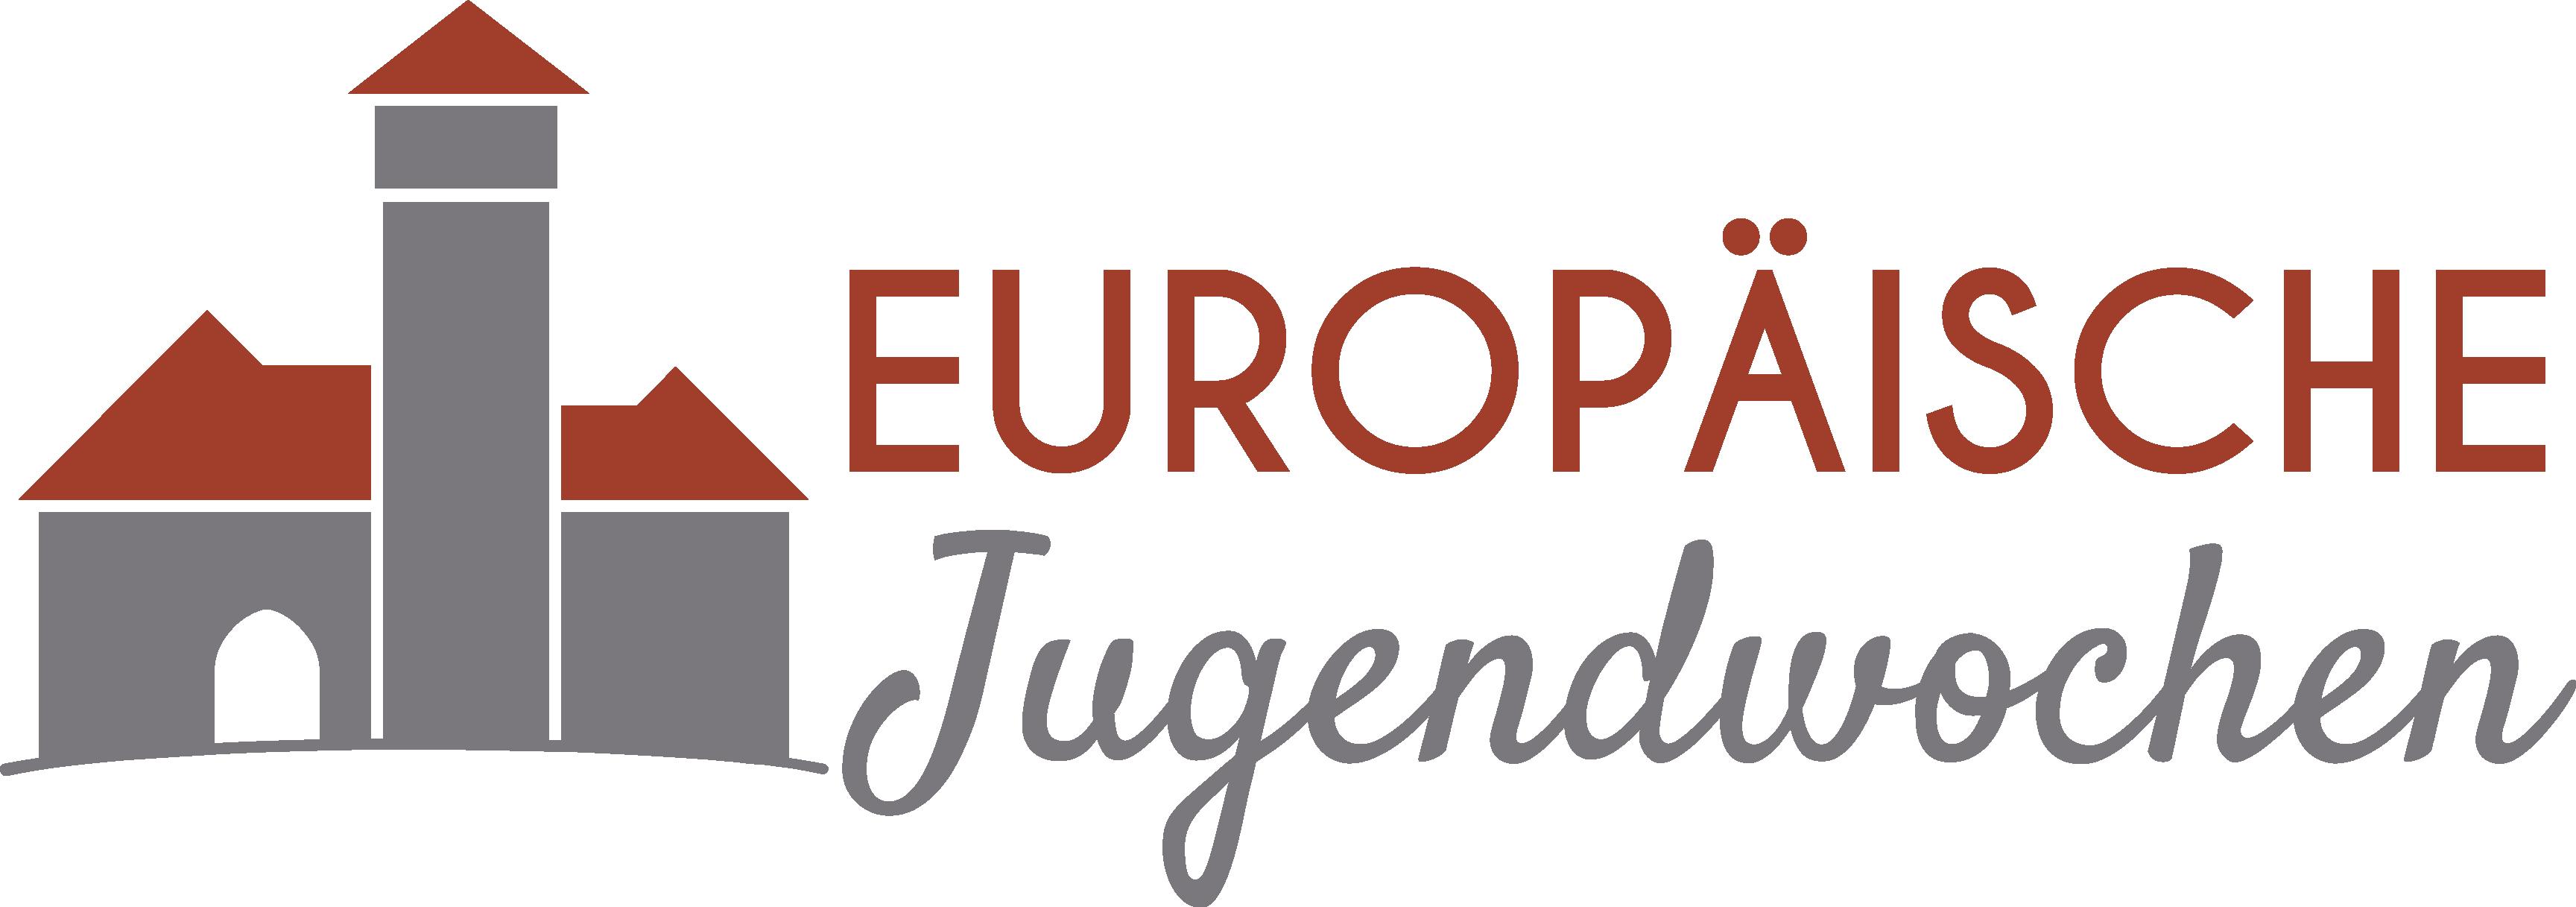 Europäische Jugendwochen